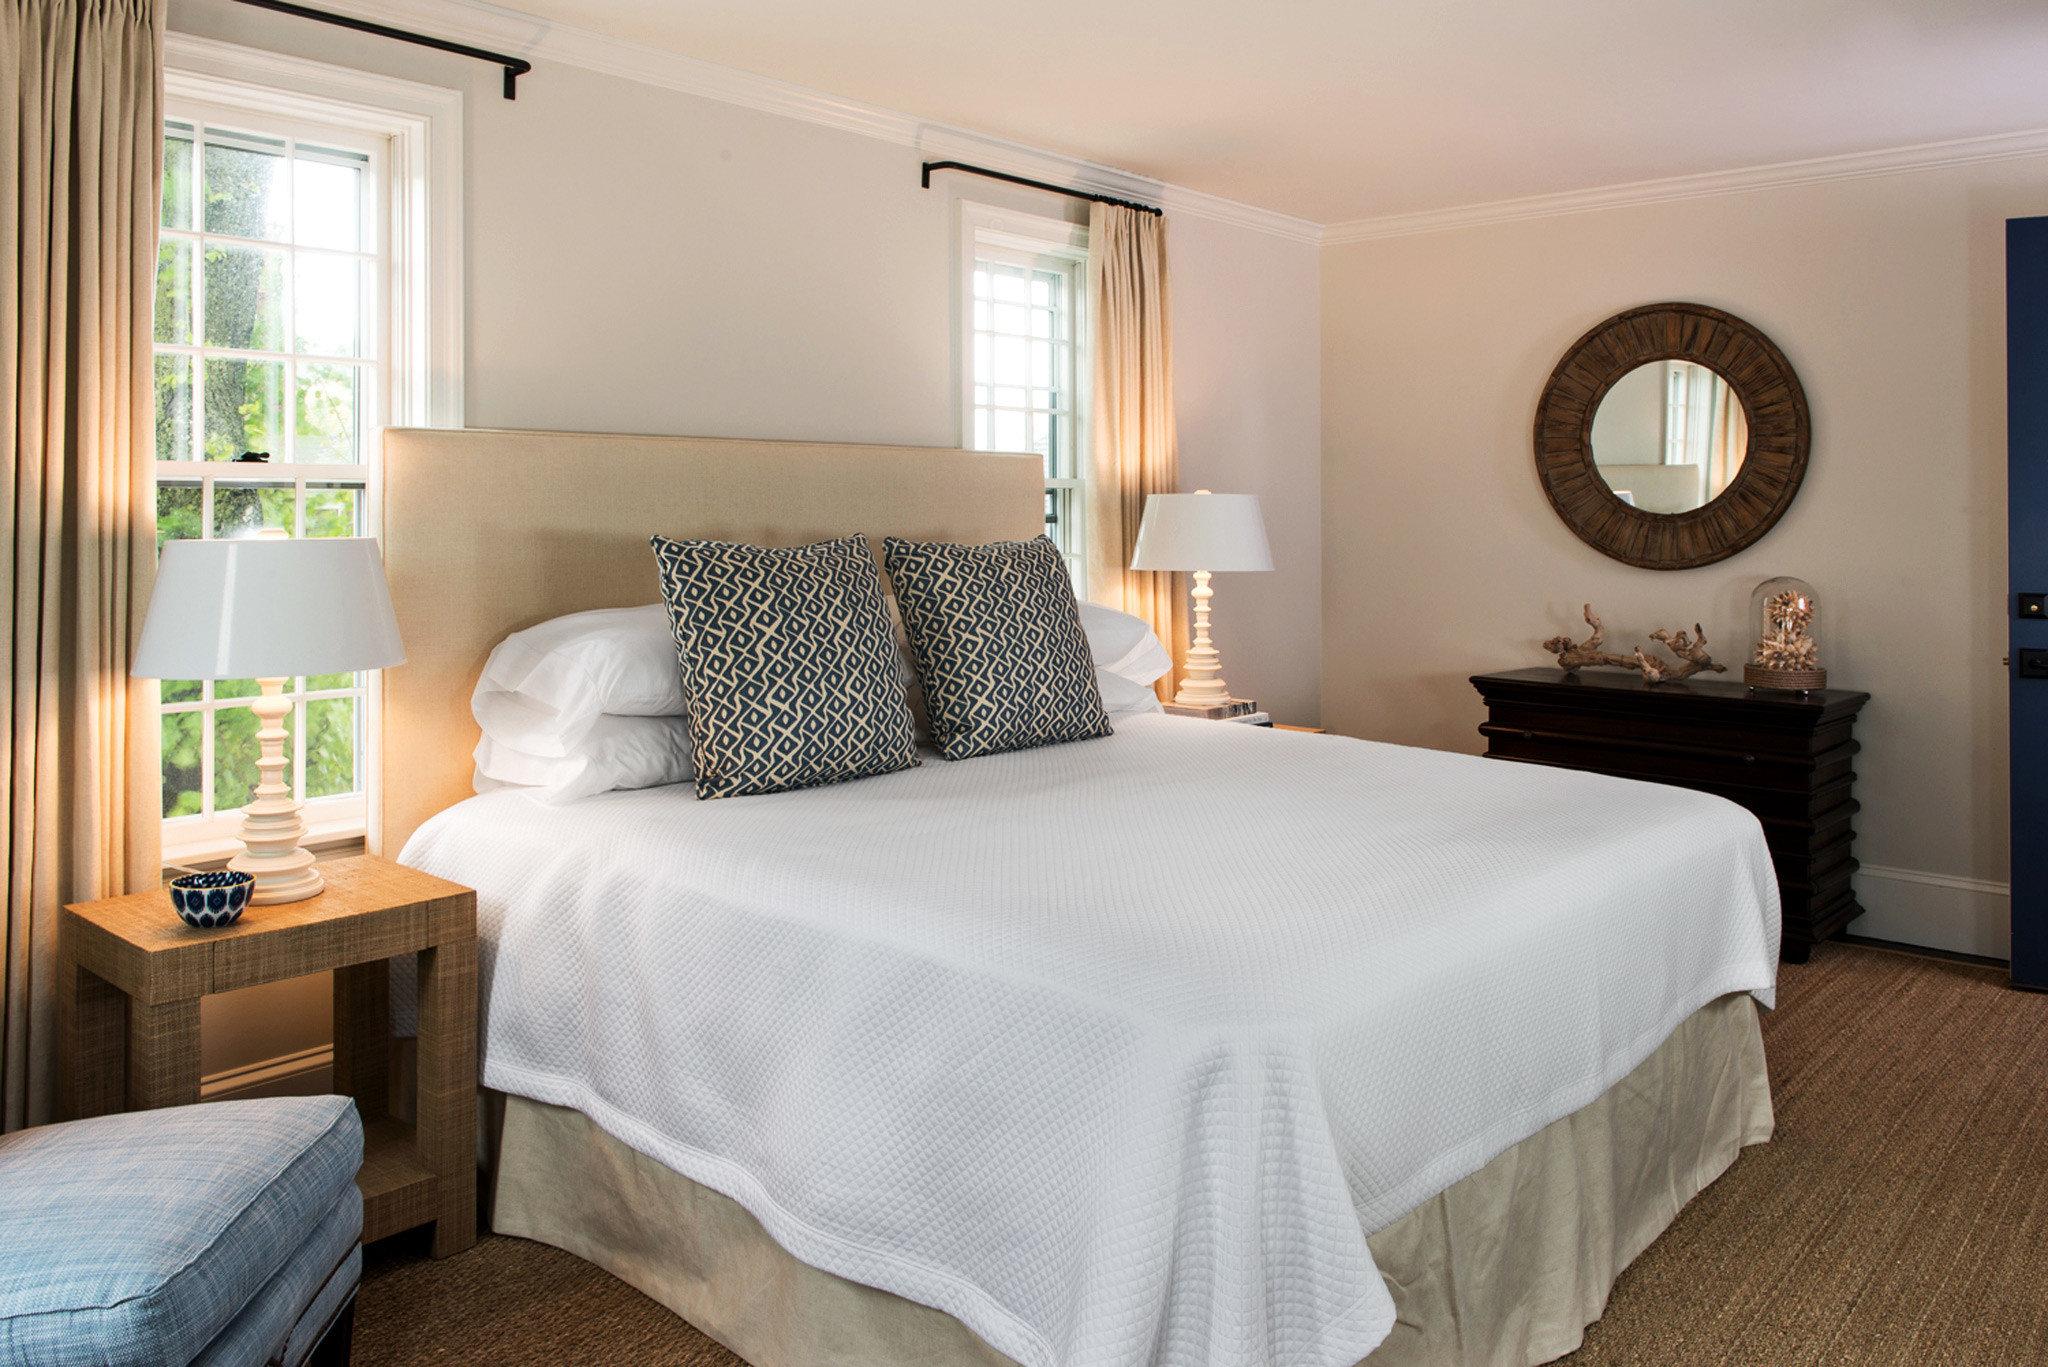 Adult-only B&B Bedroom Boutique Elegant property Suite cottage bed sheet